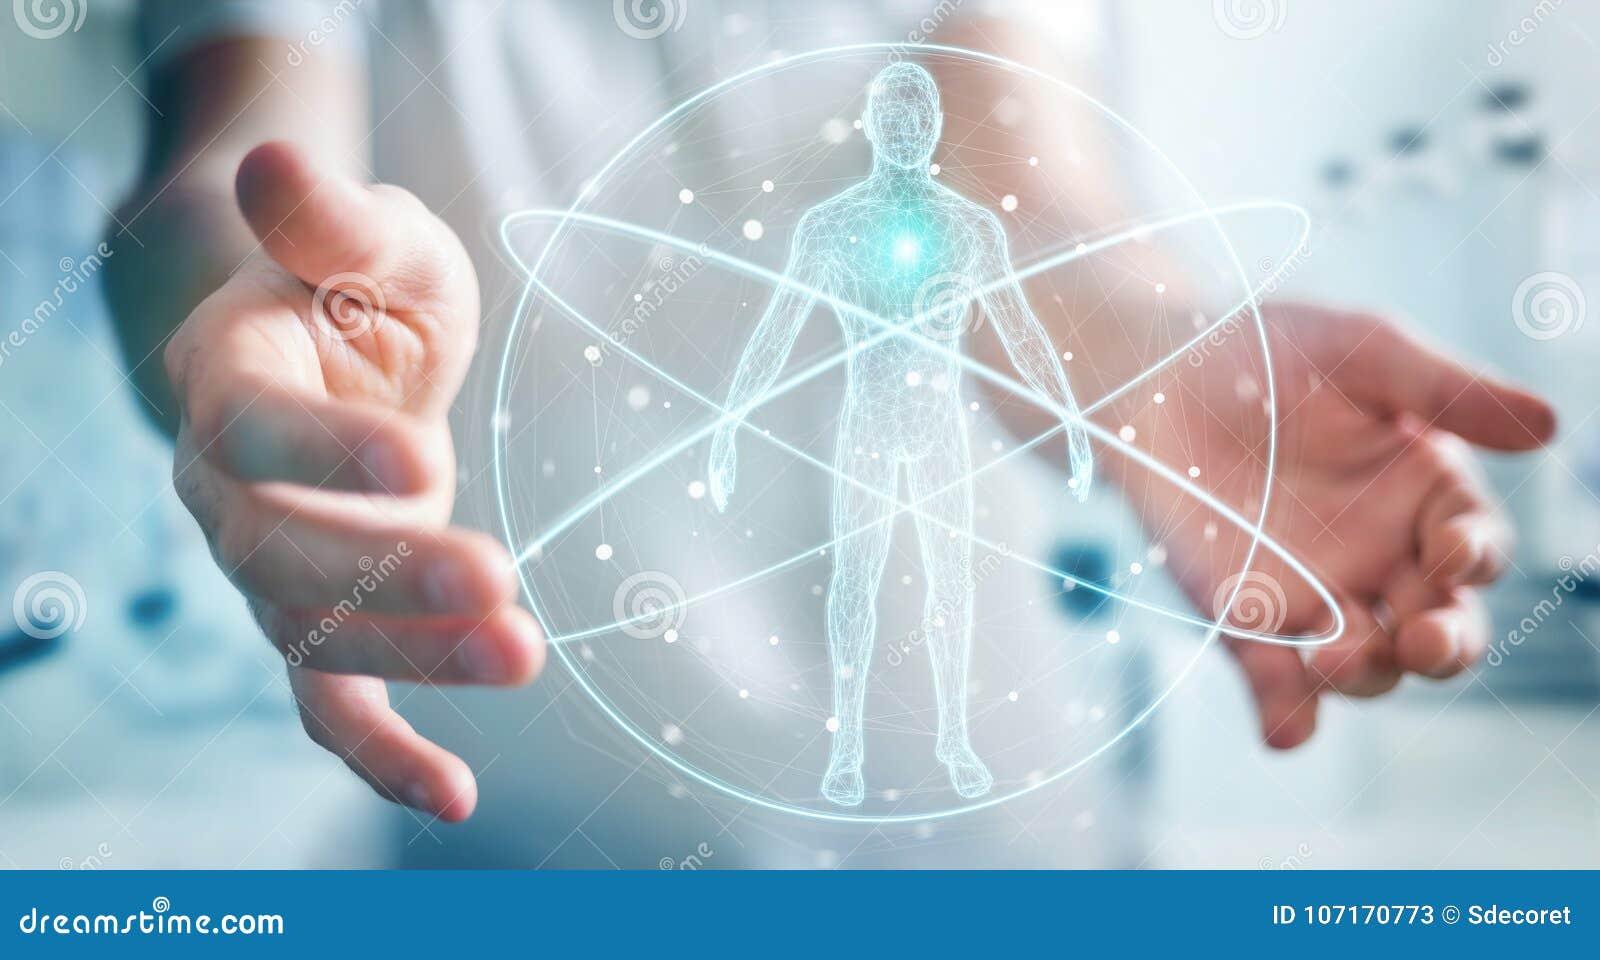 Biznesmen używa cyfrowego promieniowania rentgenowskiego ciała ludzkiego obrazu cyfrowego interfejs 3D ren